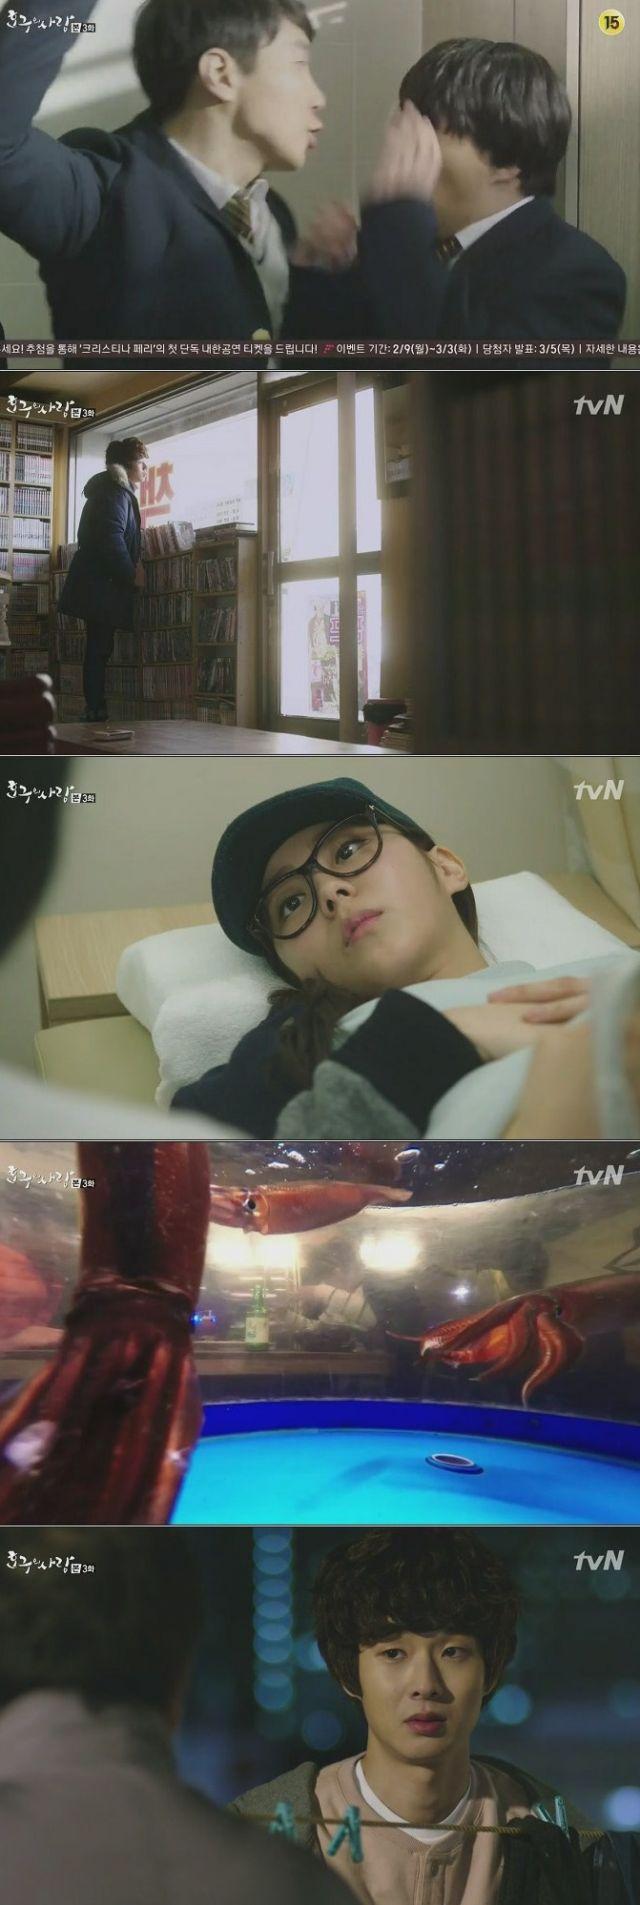 sinopsis drama korea dating agency episode 15